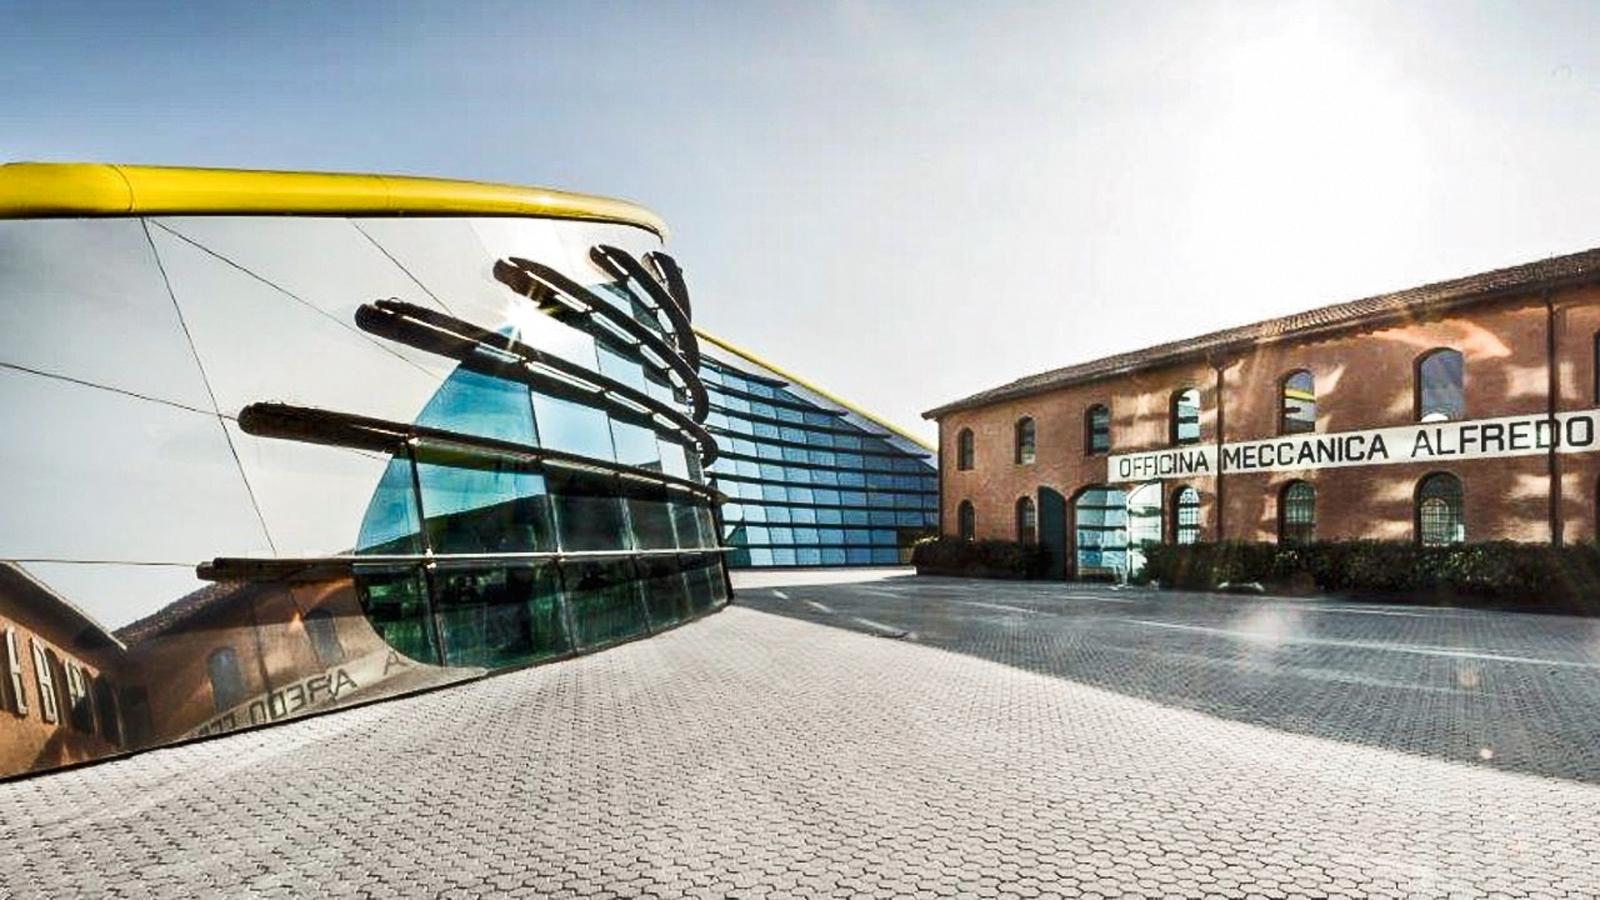 O prédio futurista tem projeções nas paredes. O antigo, que sediou a oficina de Alfredo Ferrari, pai de Enzo, e a casa da família Ferrari, hoje expõe motores legendários